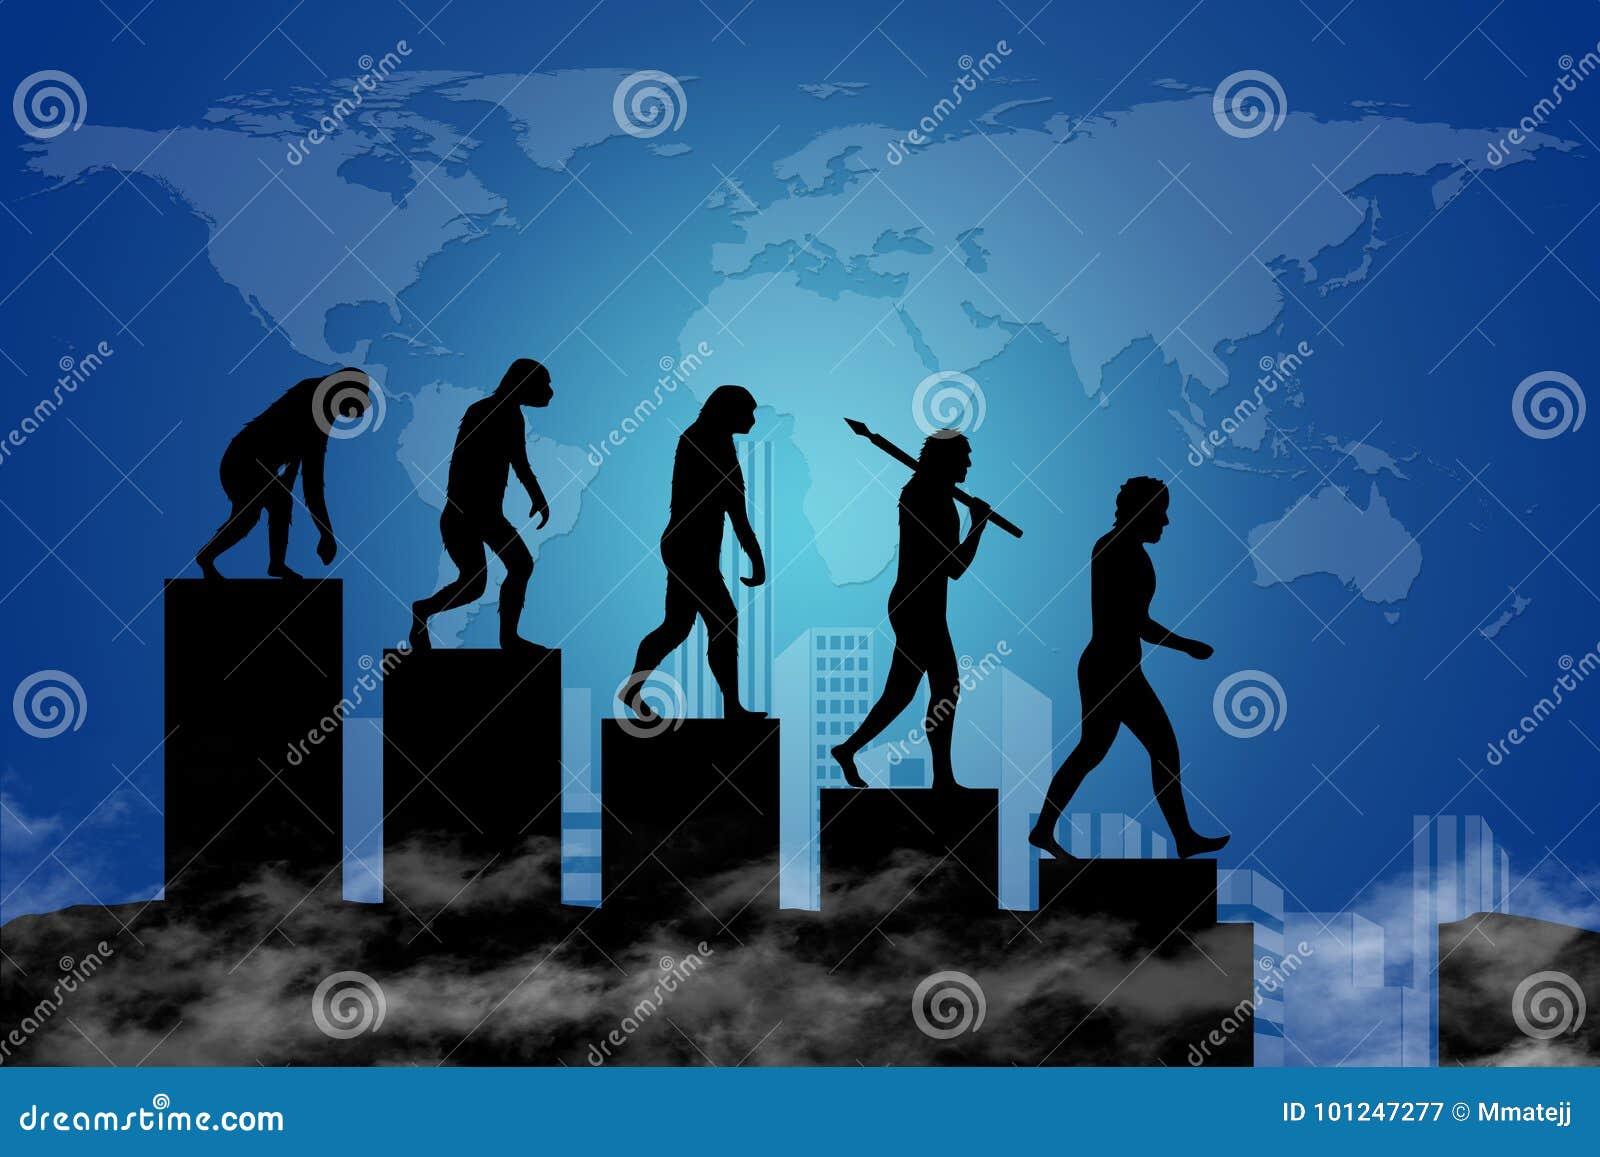 Ανθρώπινη εξέλιξη στο μοντέρνο κόσμο